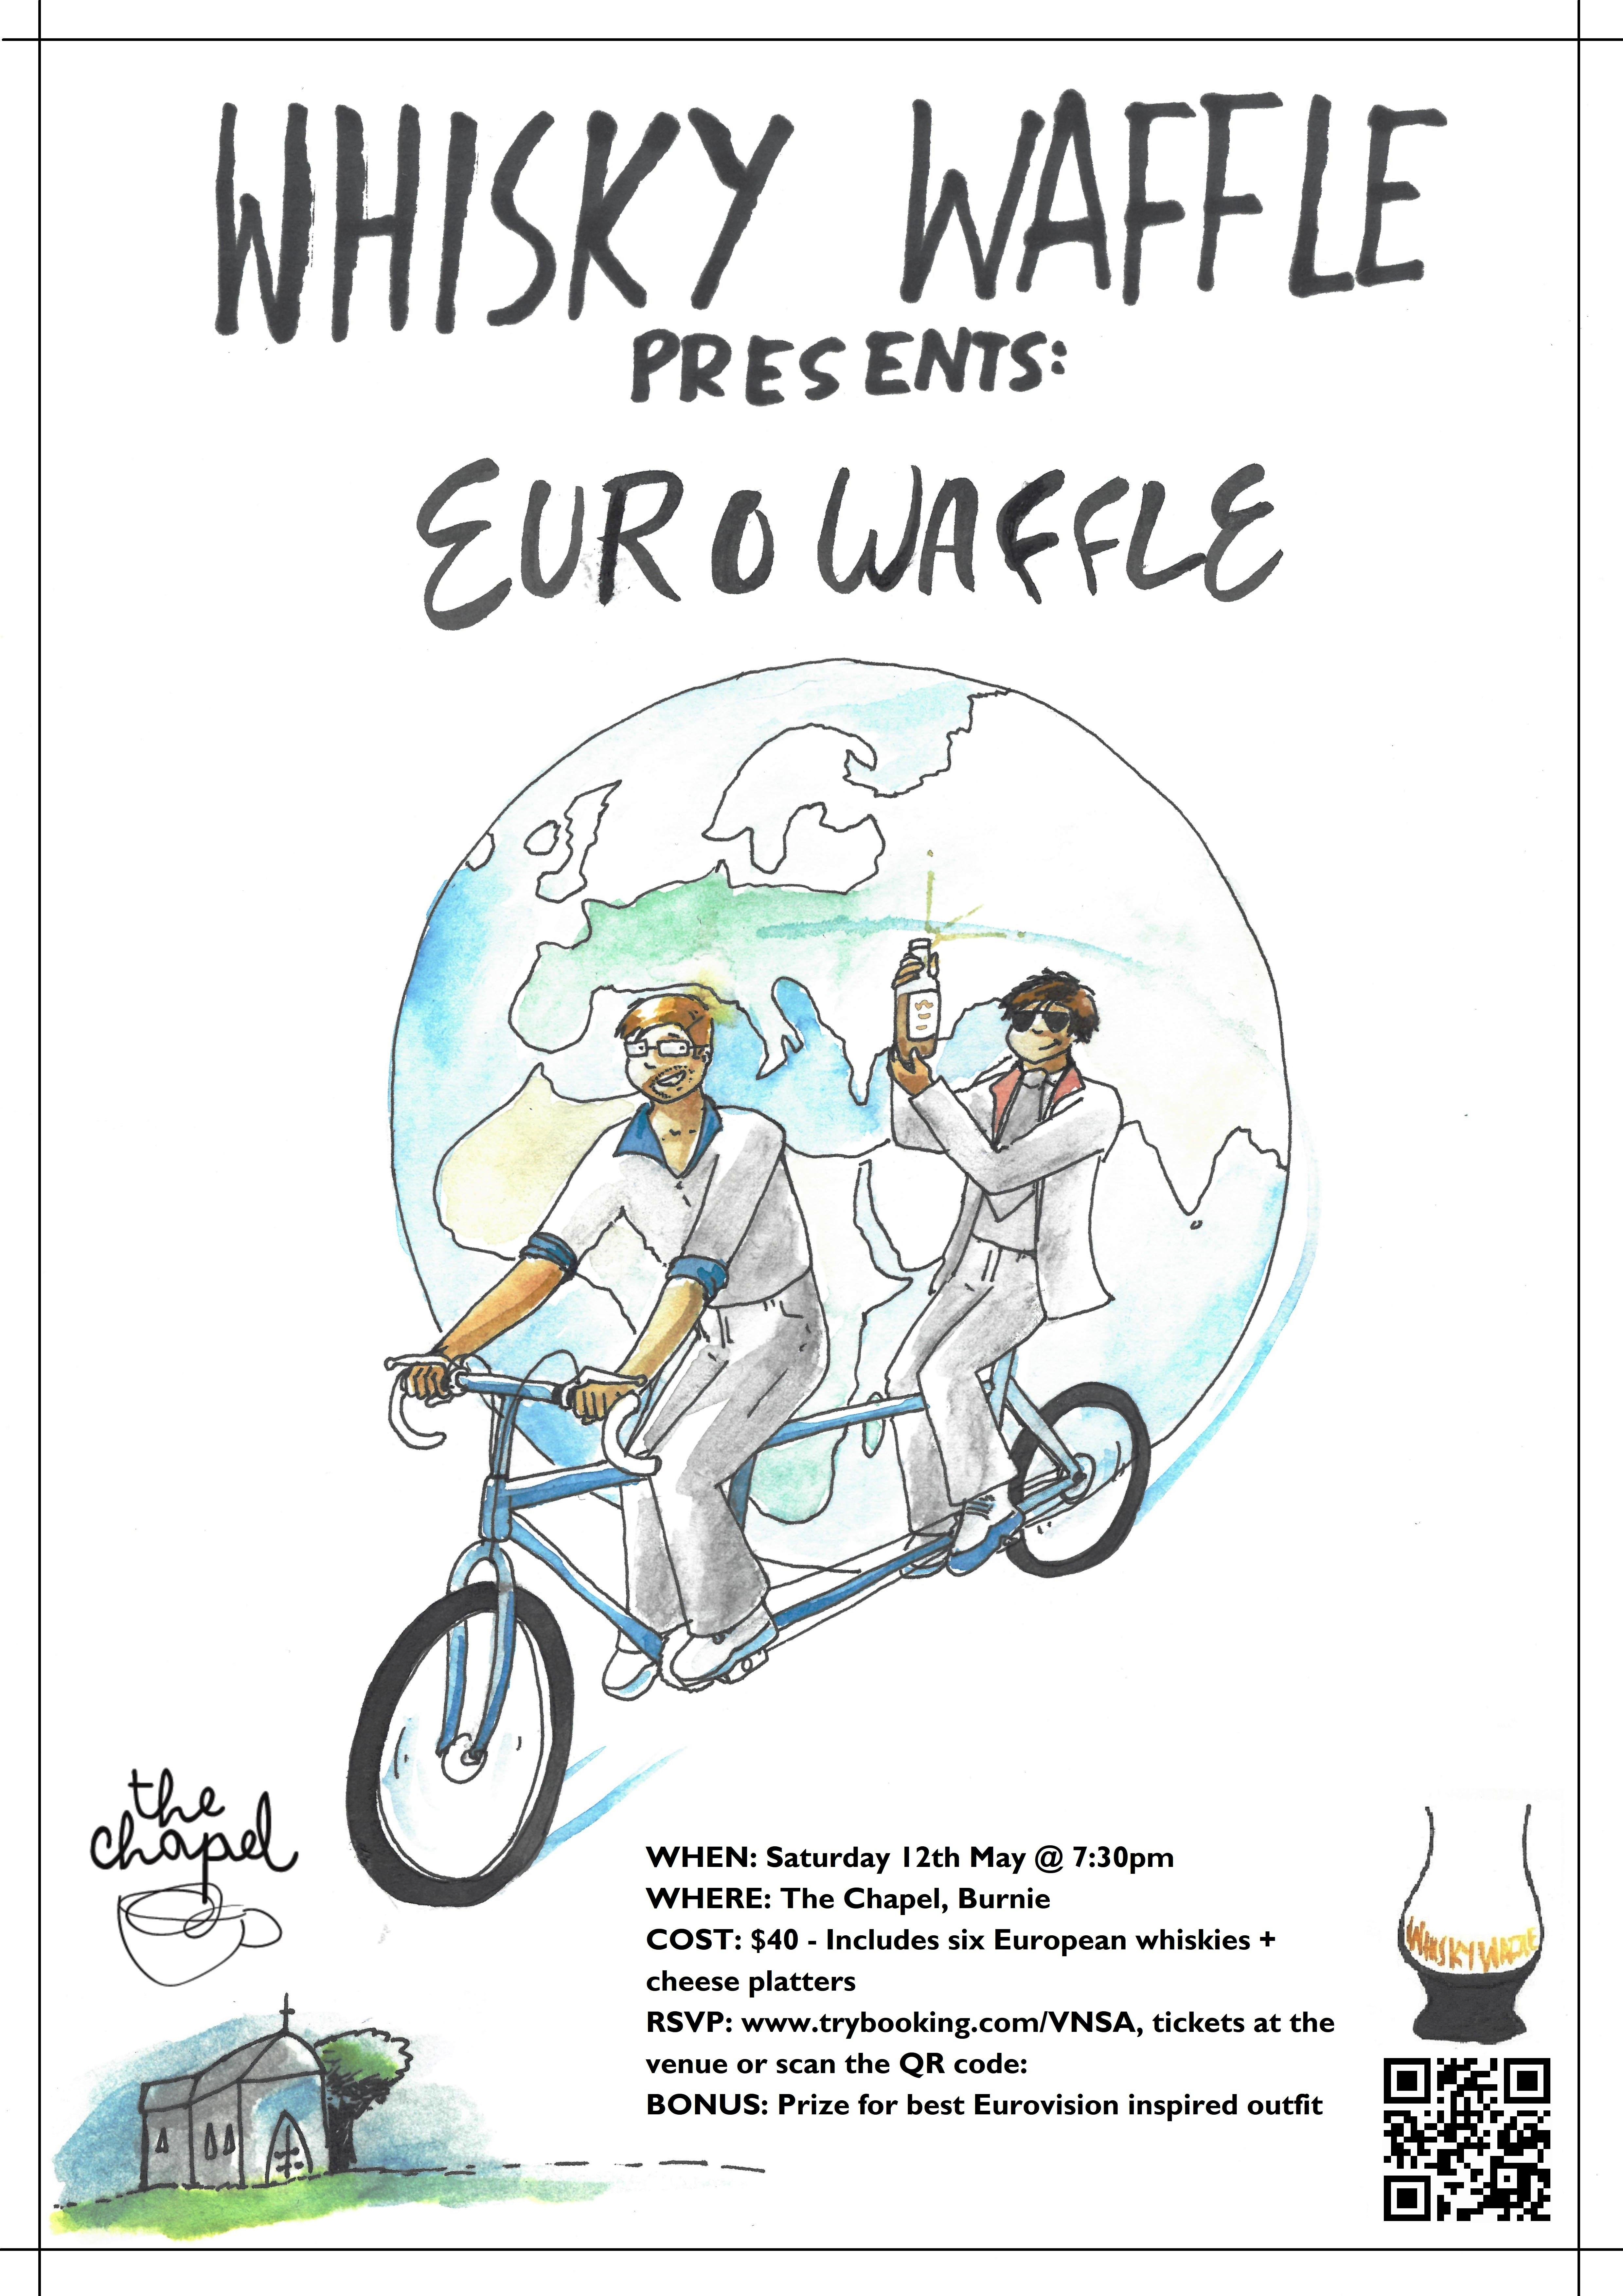 Night 5 Eurowaffle